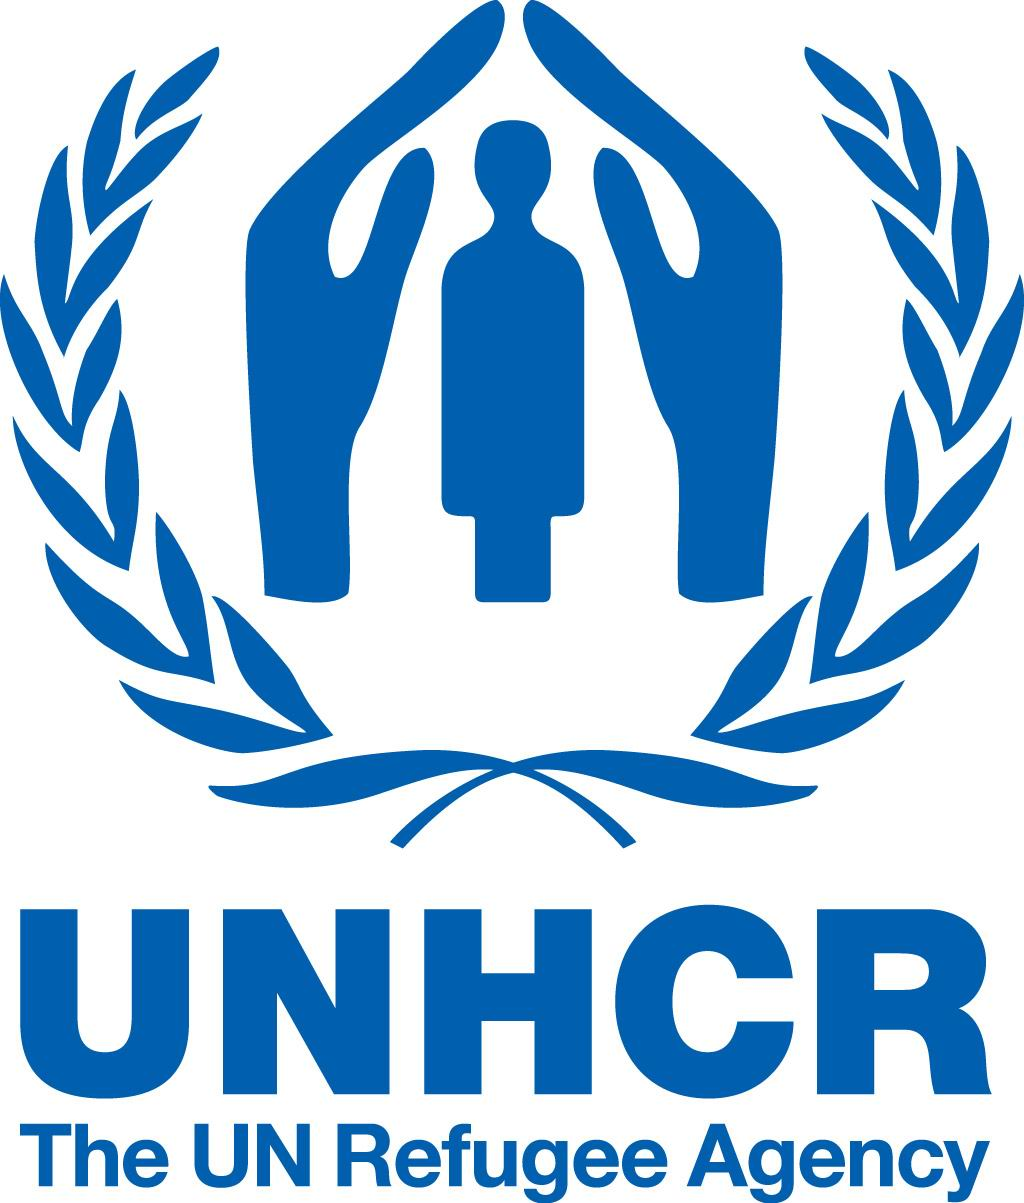 UNHCR Albert Einstein German Academic Refugee Effort (DAFI) UNHCR's scholarship program 2020 for refugee trainees